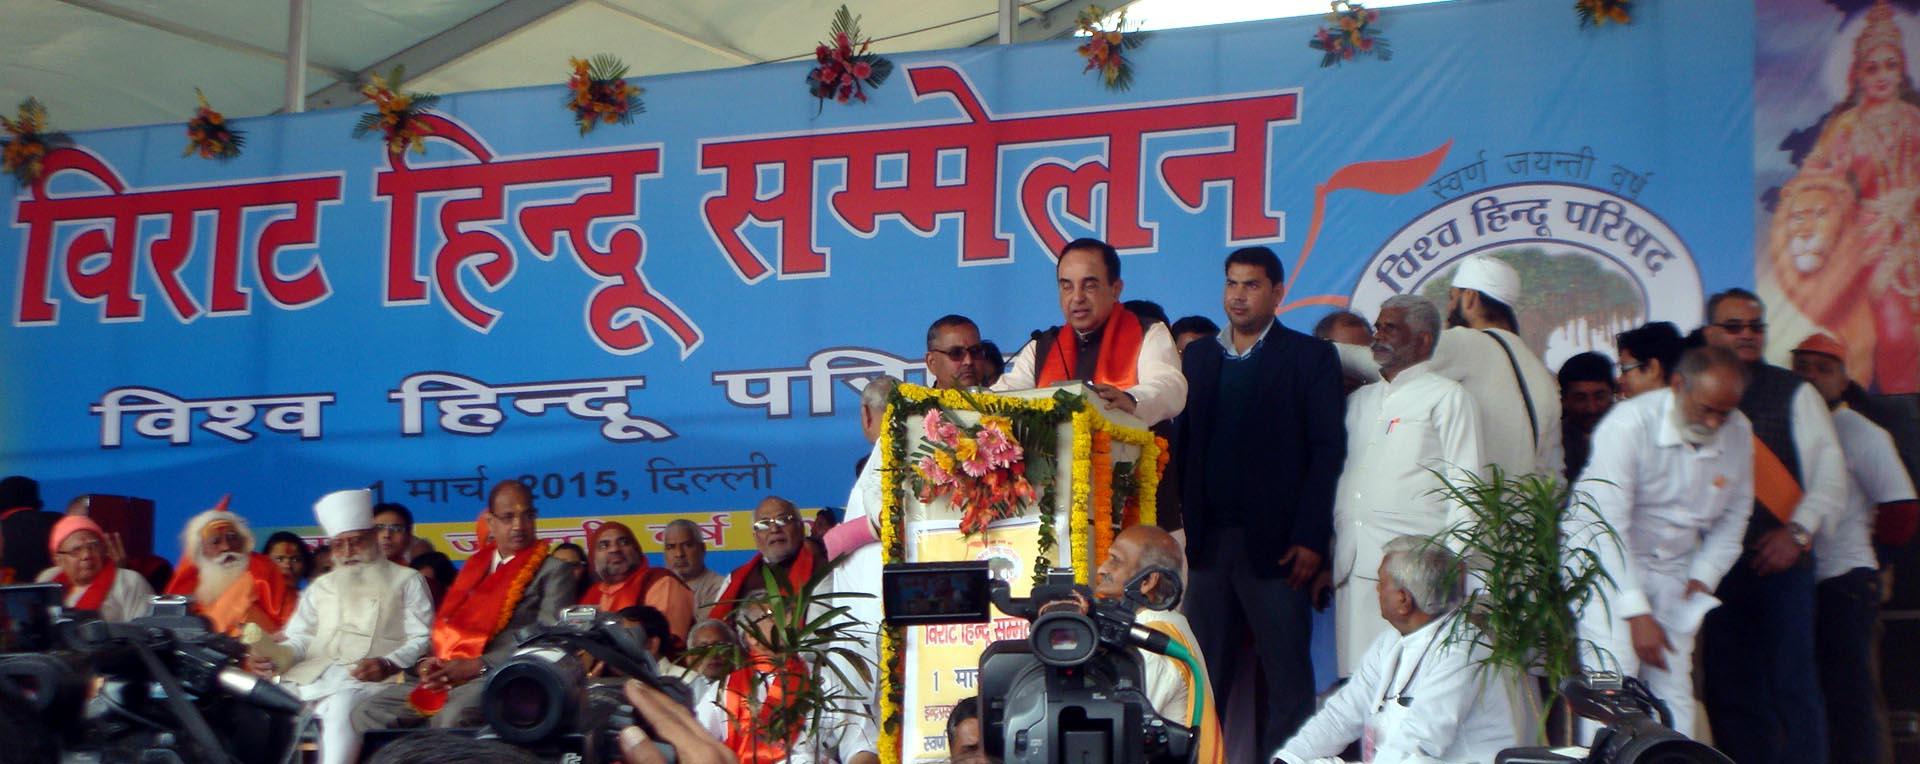 Dr Subrahmaniam Swami ji